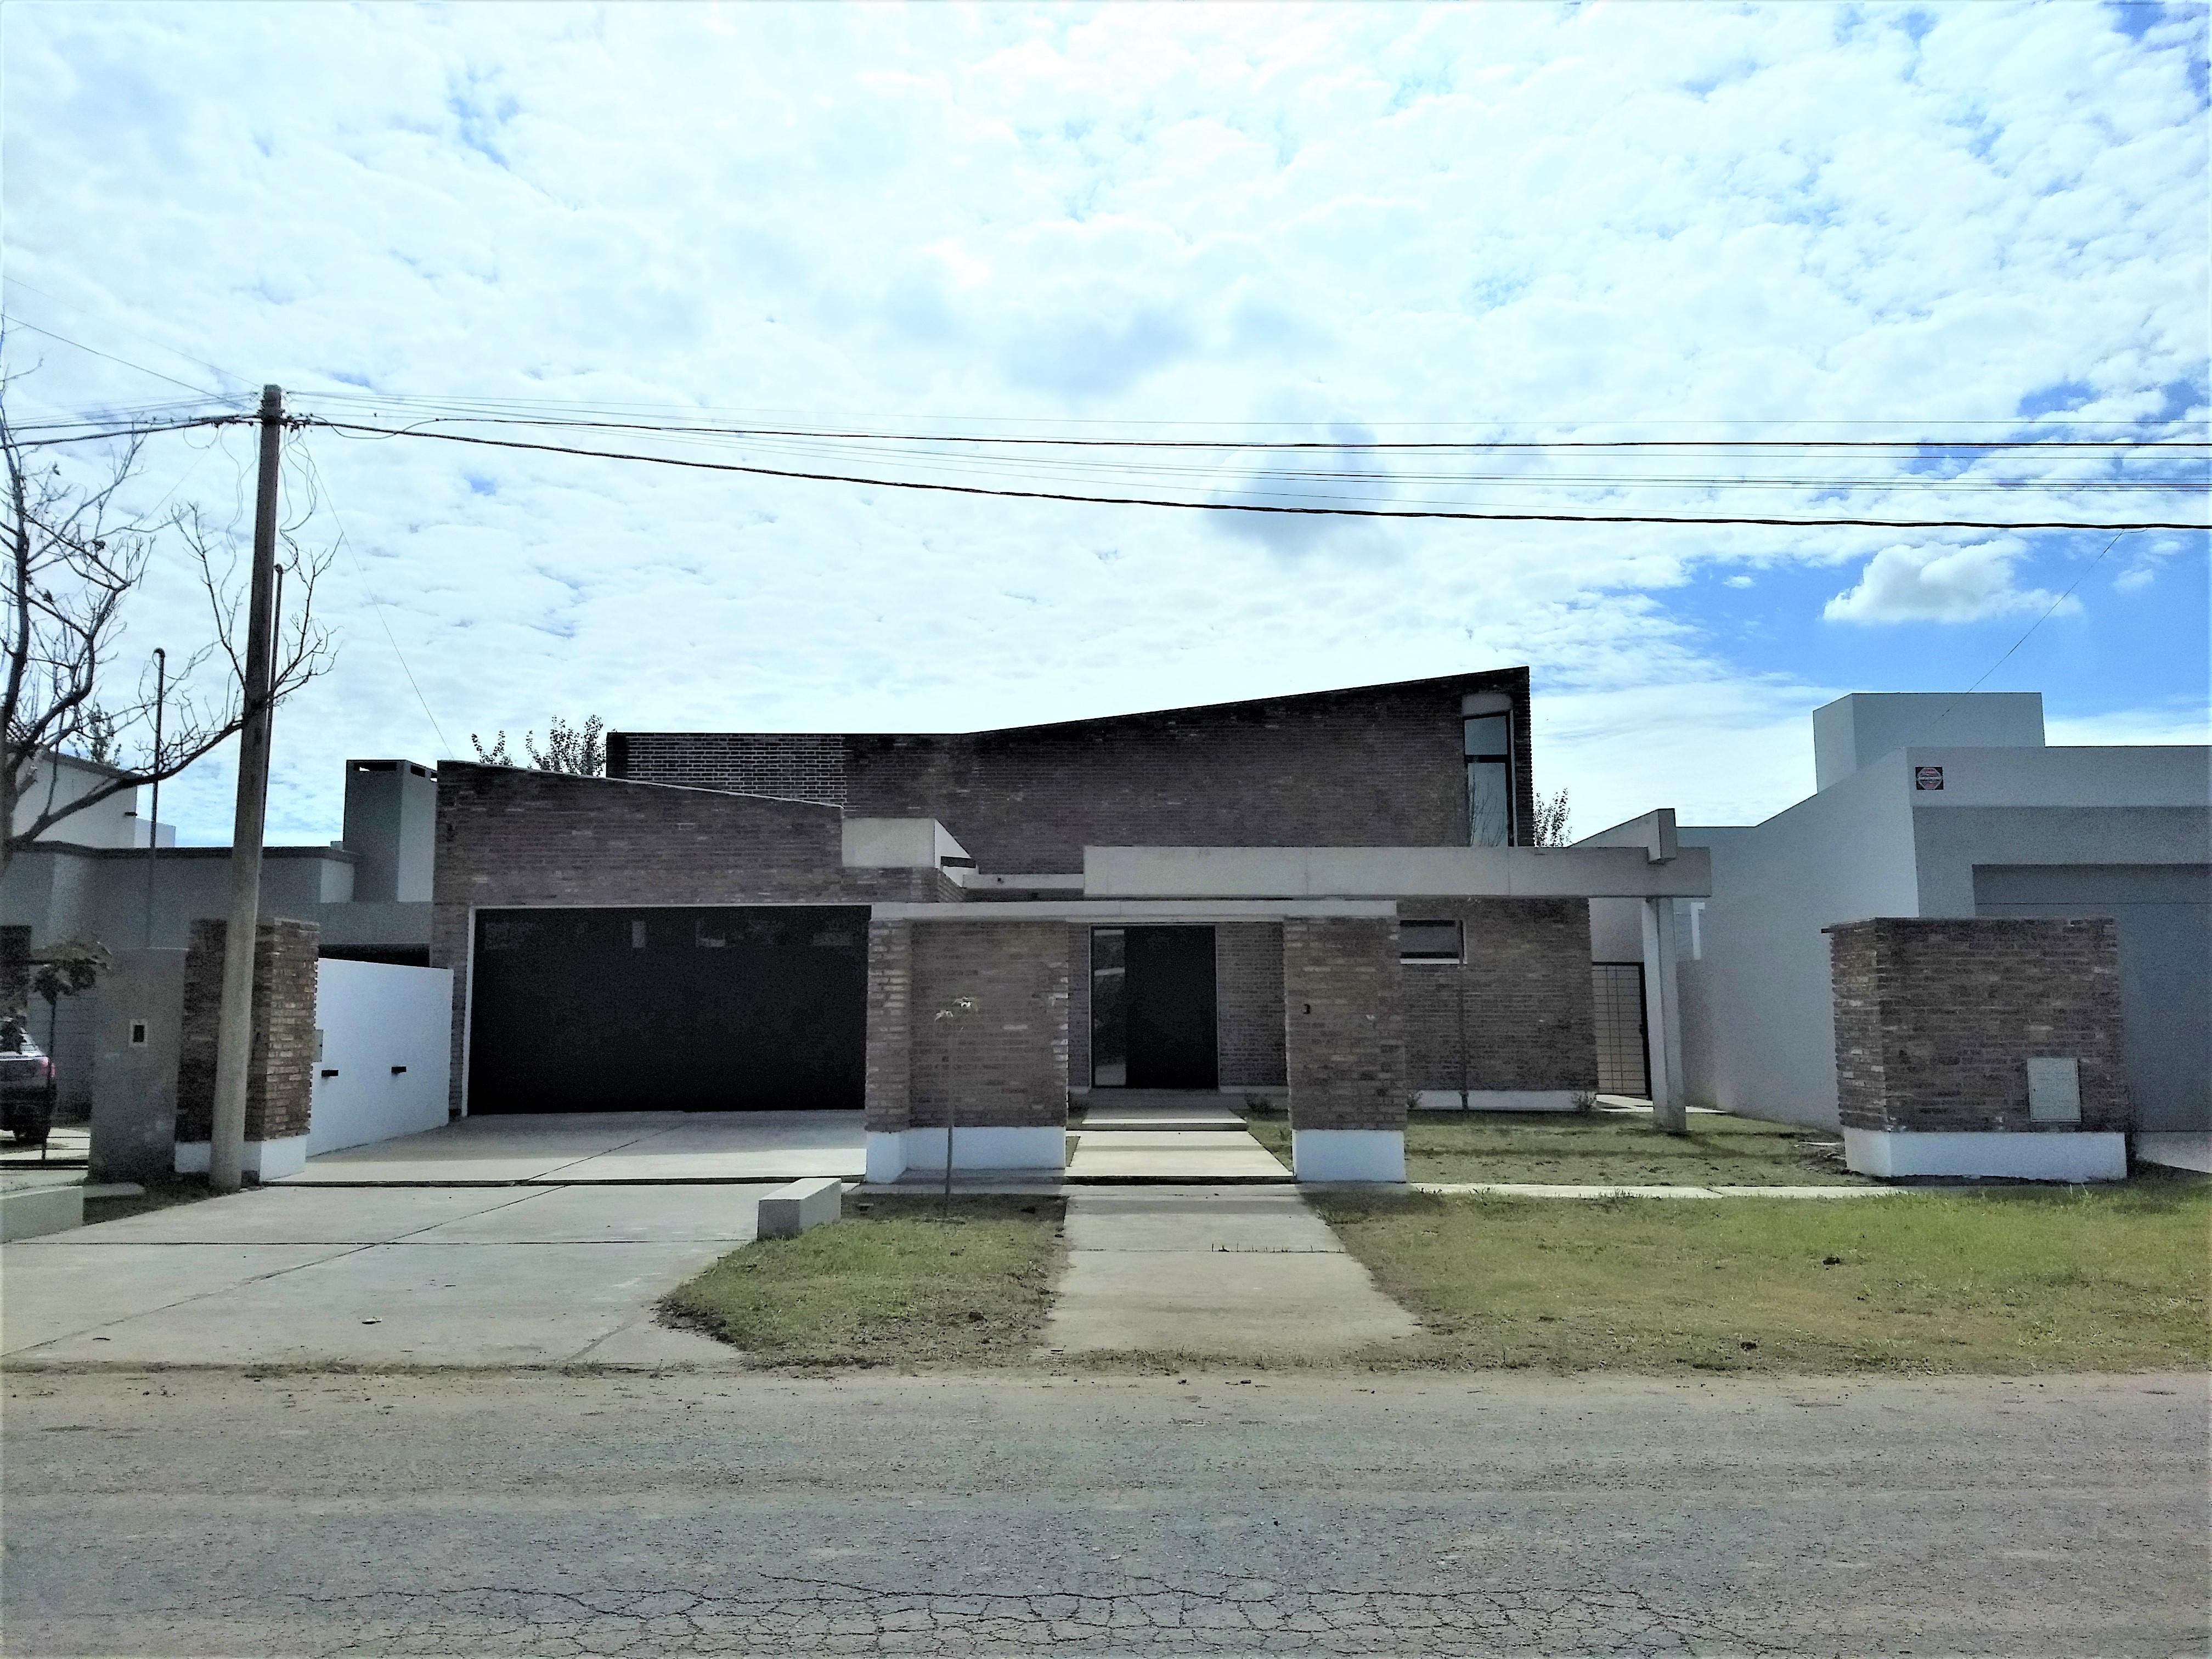 Los Cedros 2150 - Gaggiotti Inmobiliaria cuenta con más de 50 años desde que se inicio en el negocio de los servicios inmobiliarios.